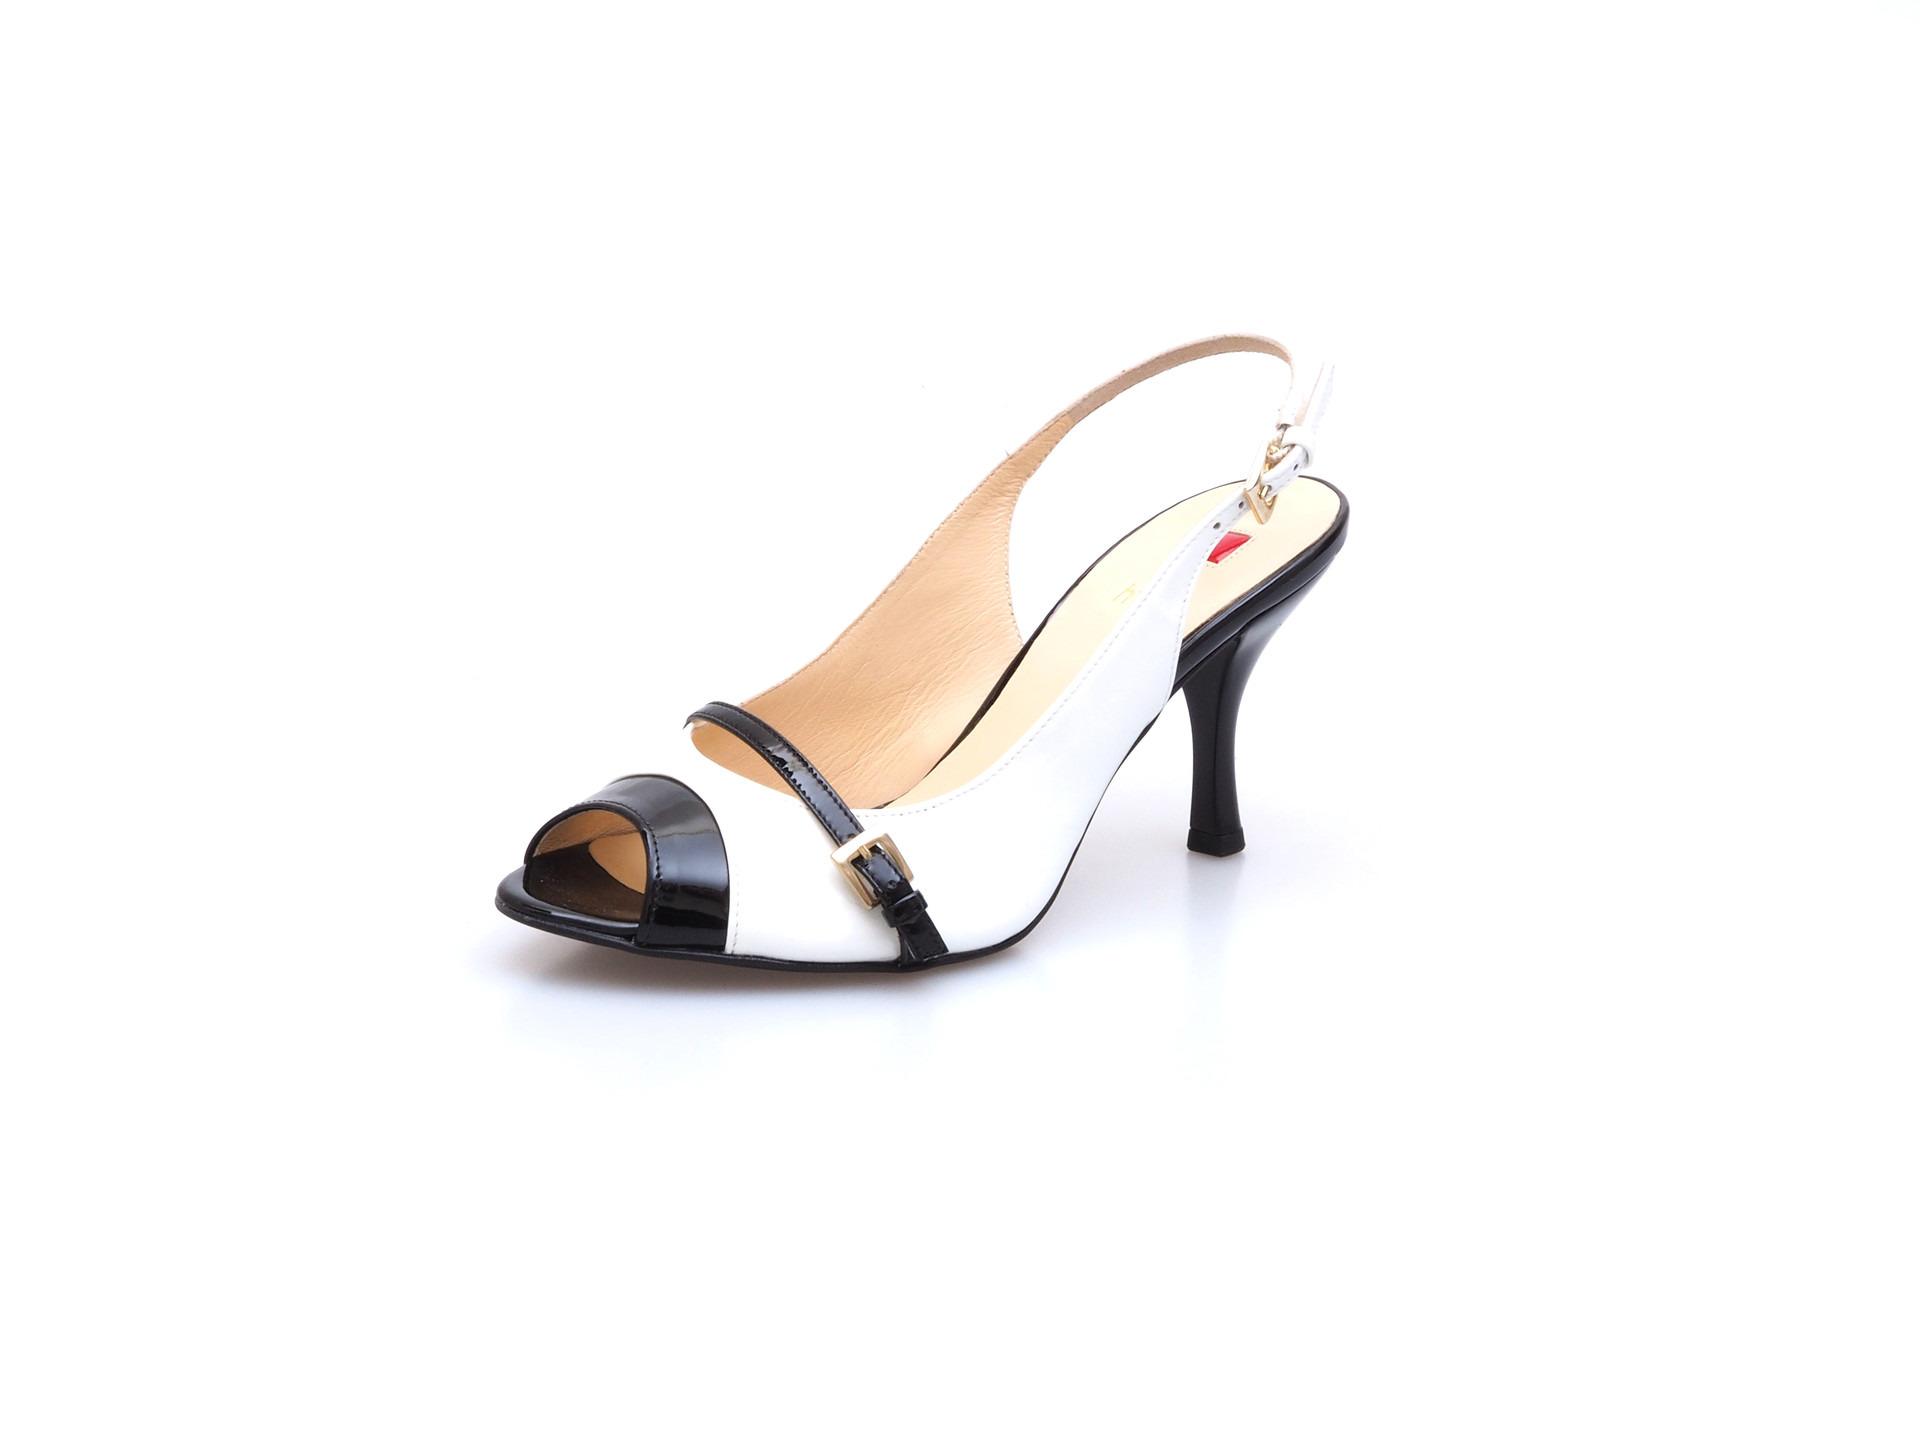 Soňa - Dámska obuv - Sandále - Bielo-čierne sandálky s ozdobným ... 7a48558c93